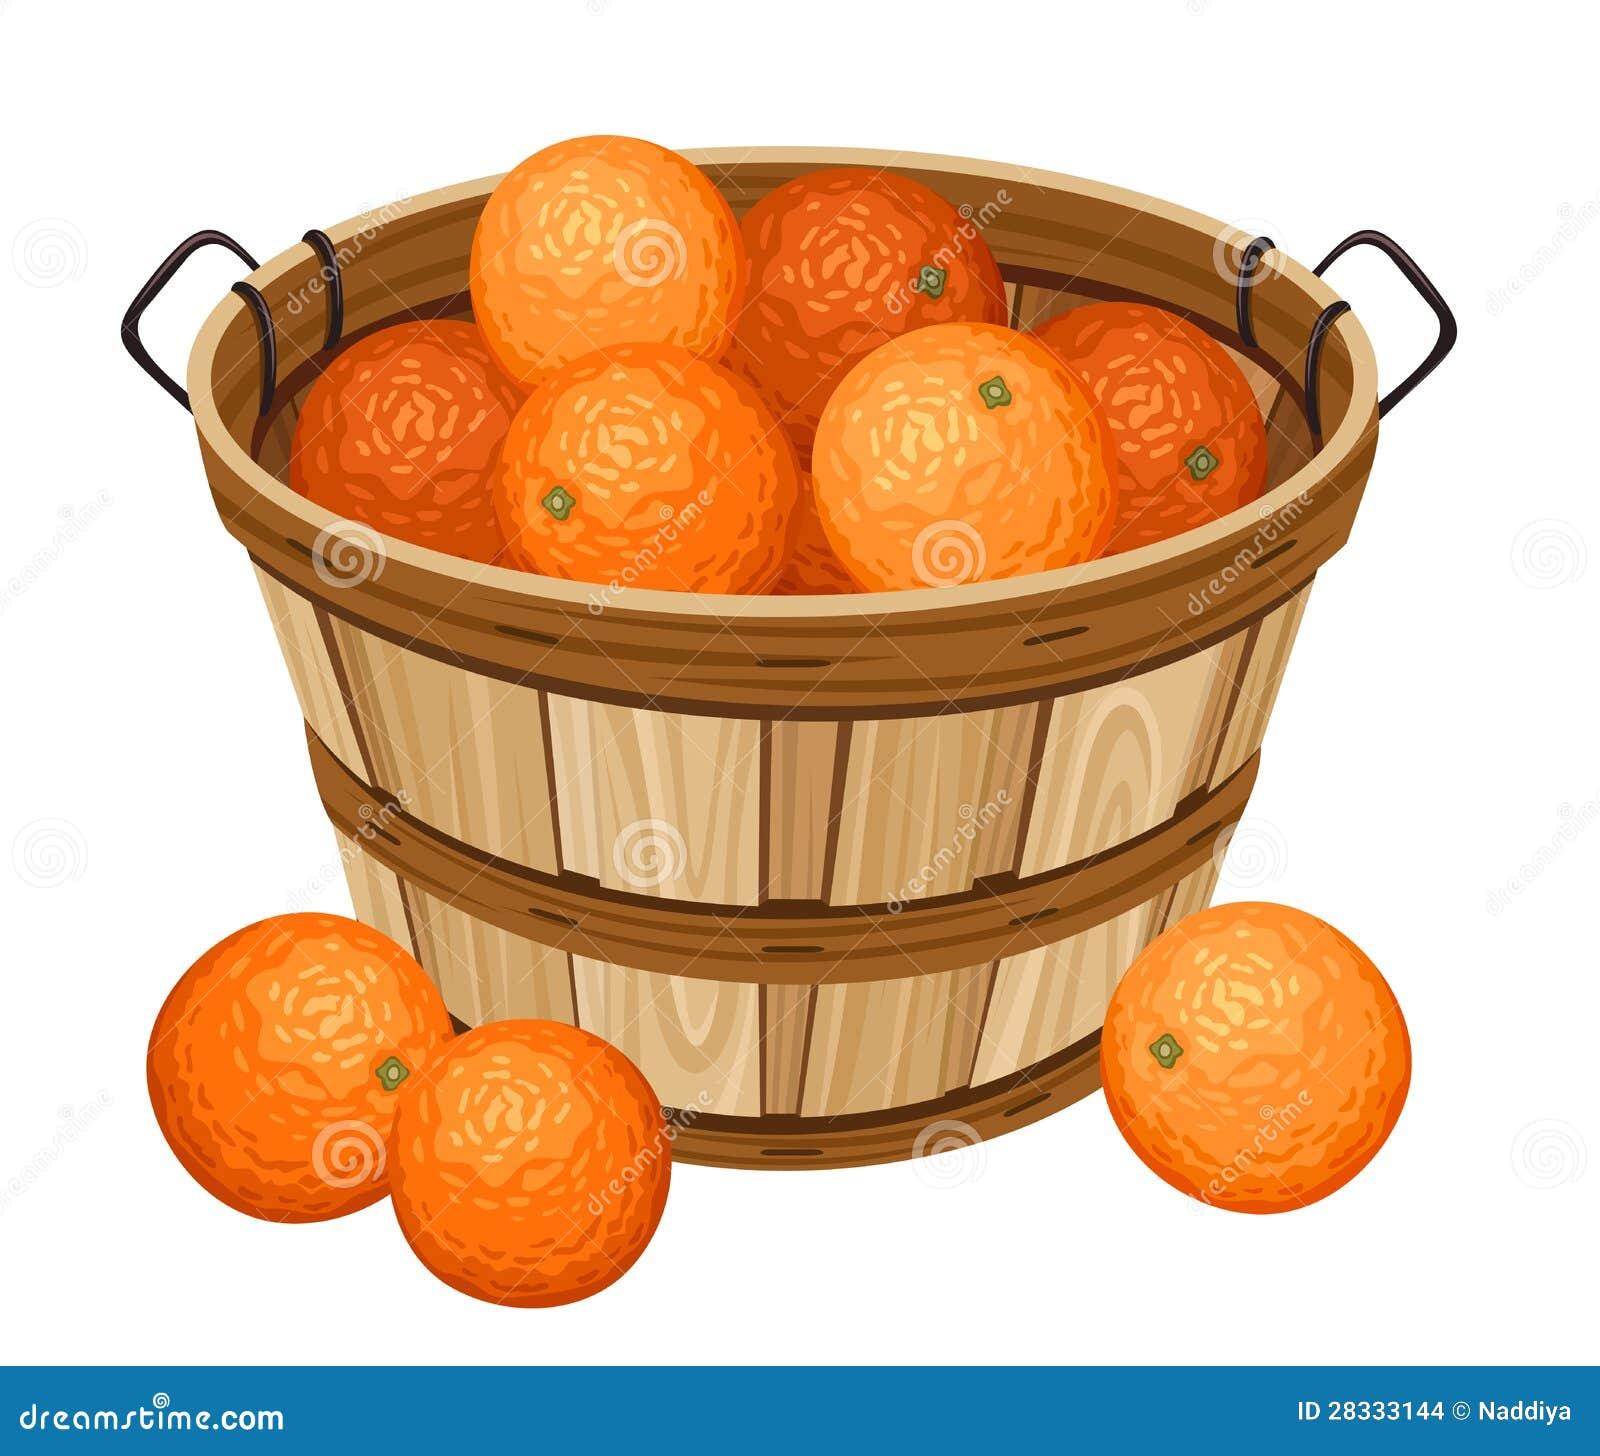 Cesta de madera con las naranjas imagenes de archivo - Cestos de madera ...